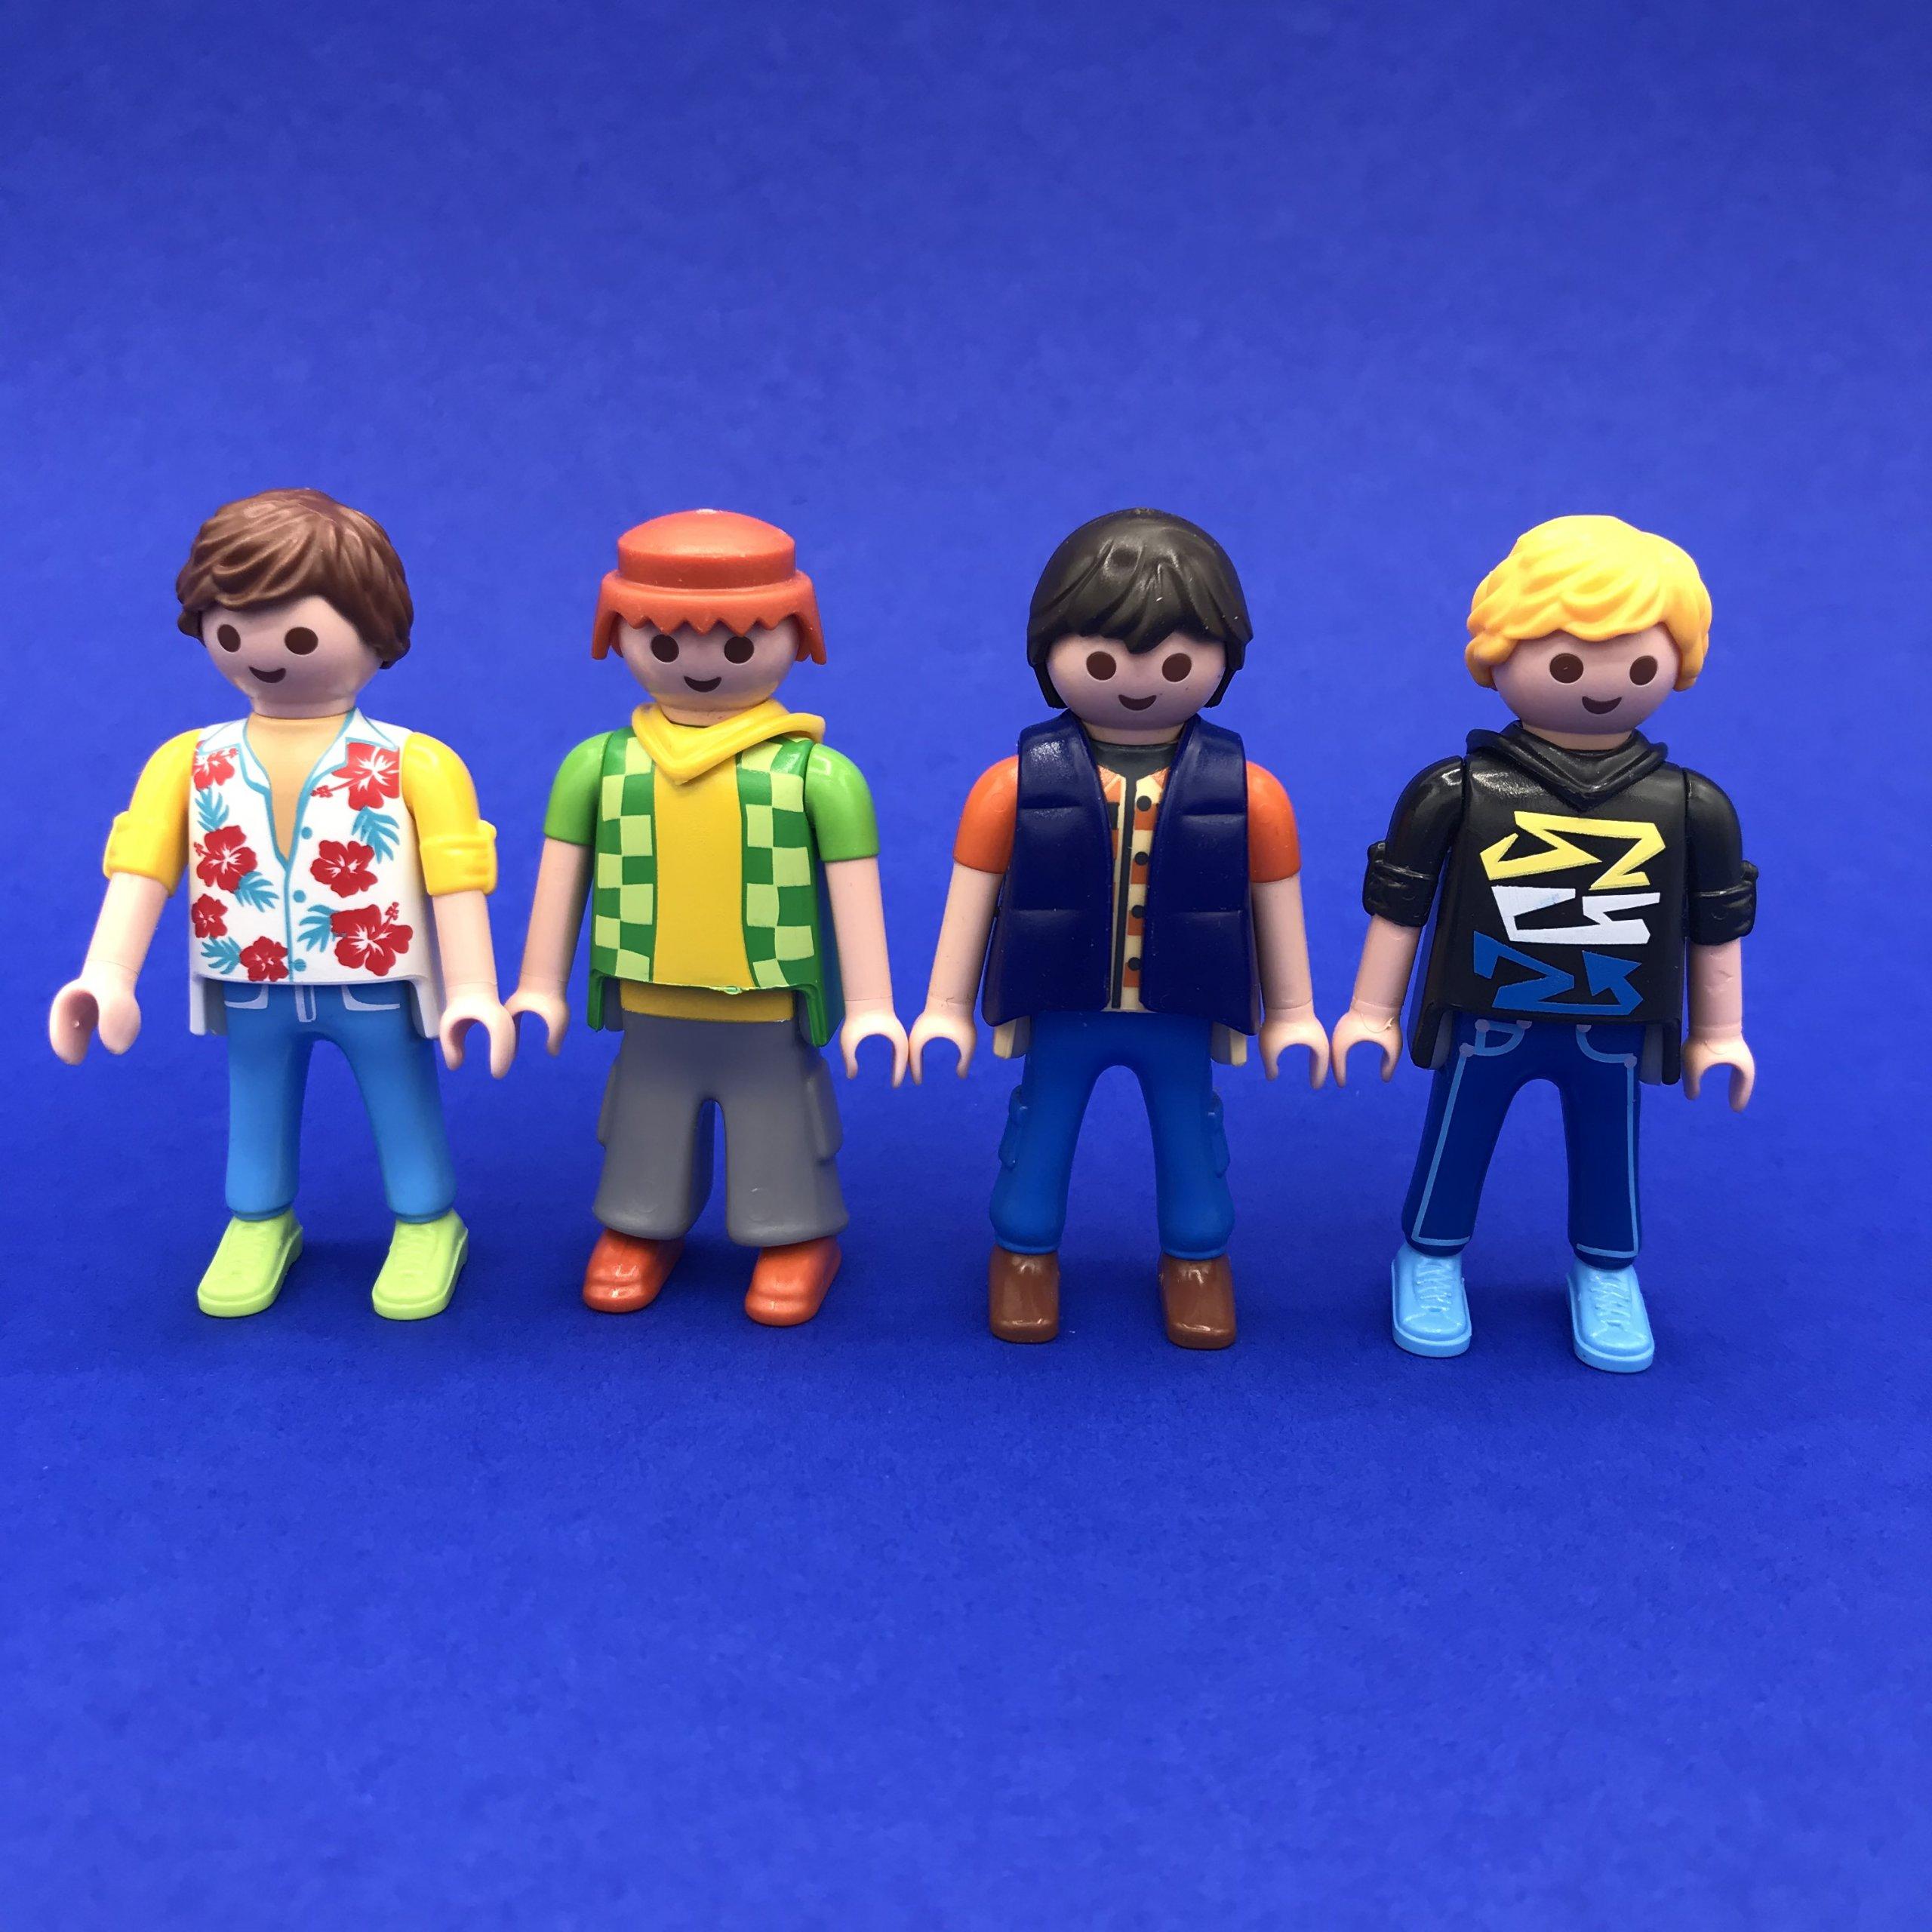 Playmobil-mannen